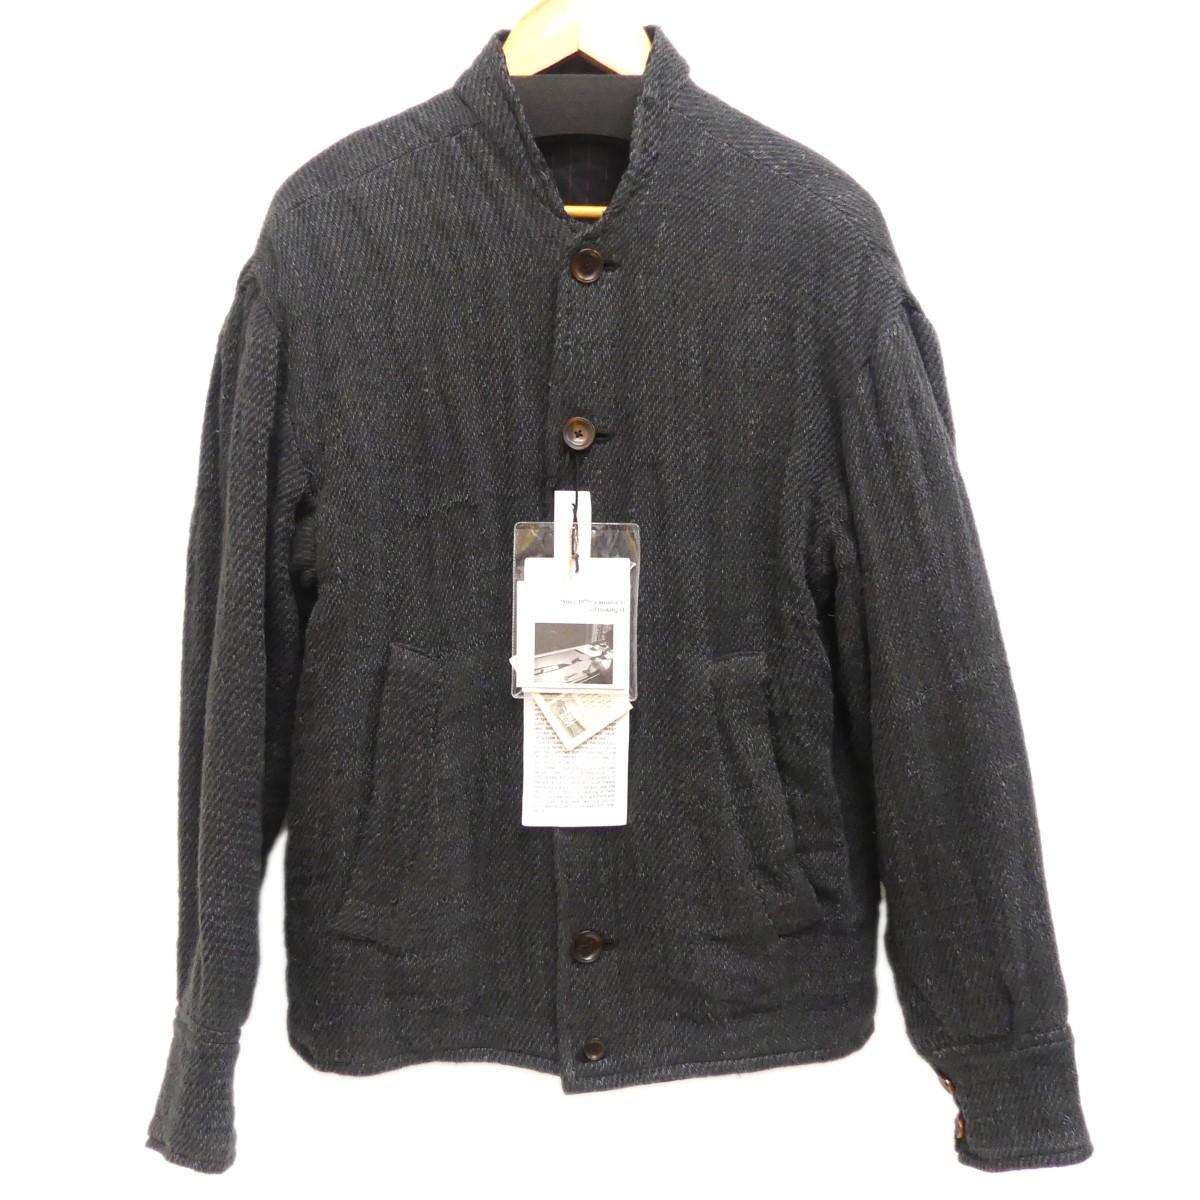 【中古】GEOFFREY B.SMALL ブルゾン ブラック サイズ:S 【261019】(ジェフリービースモール)